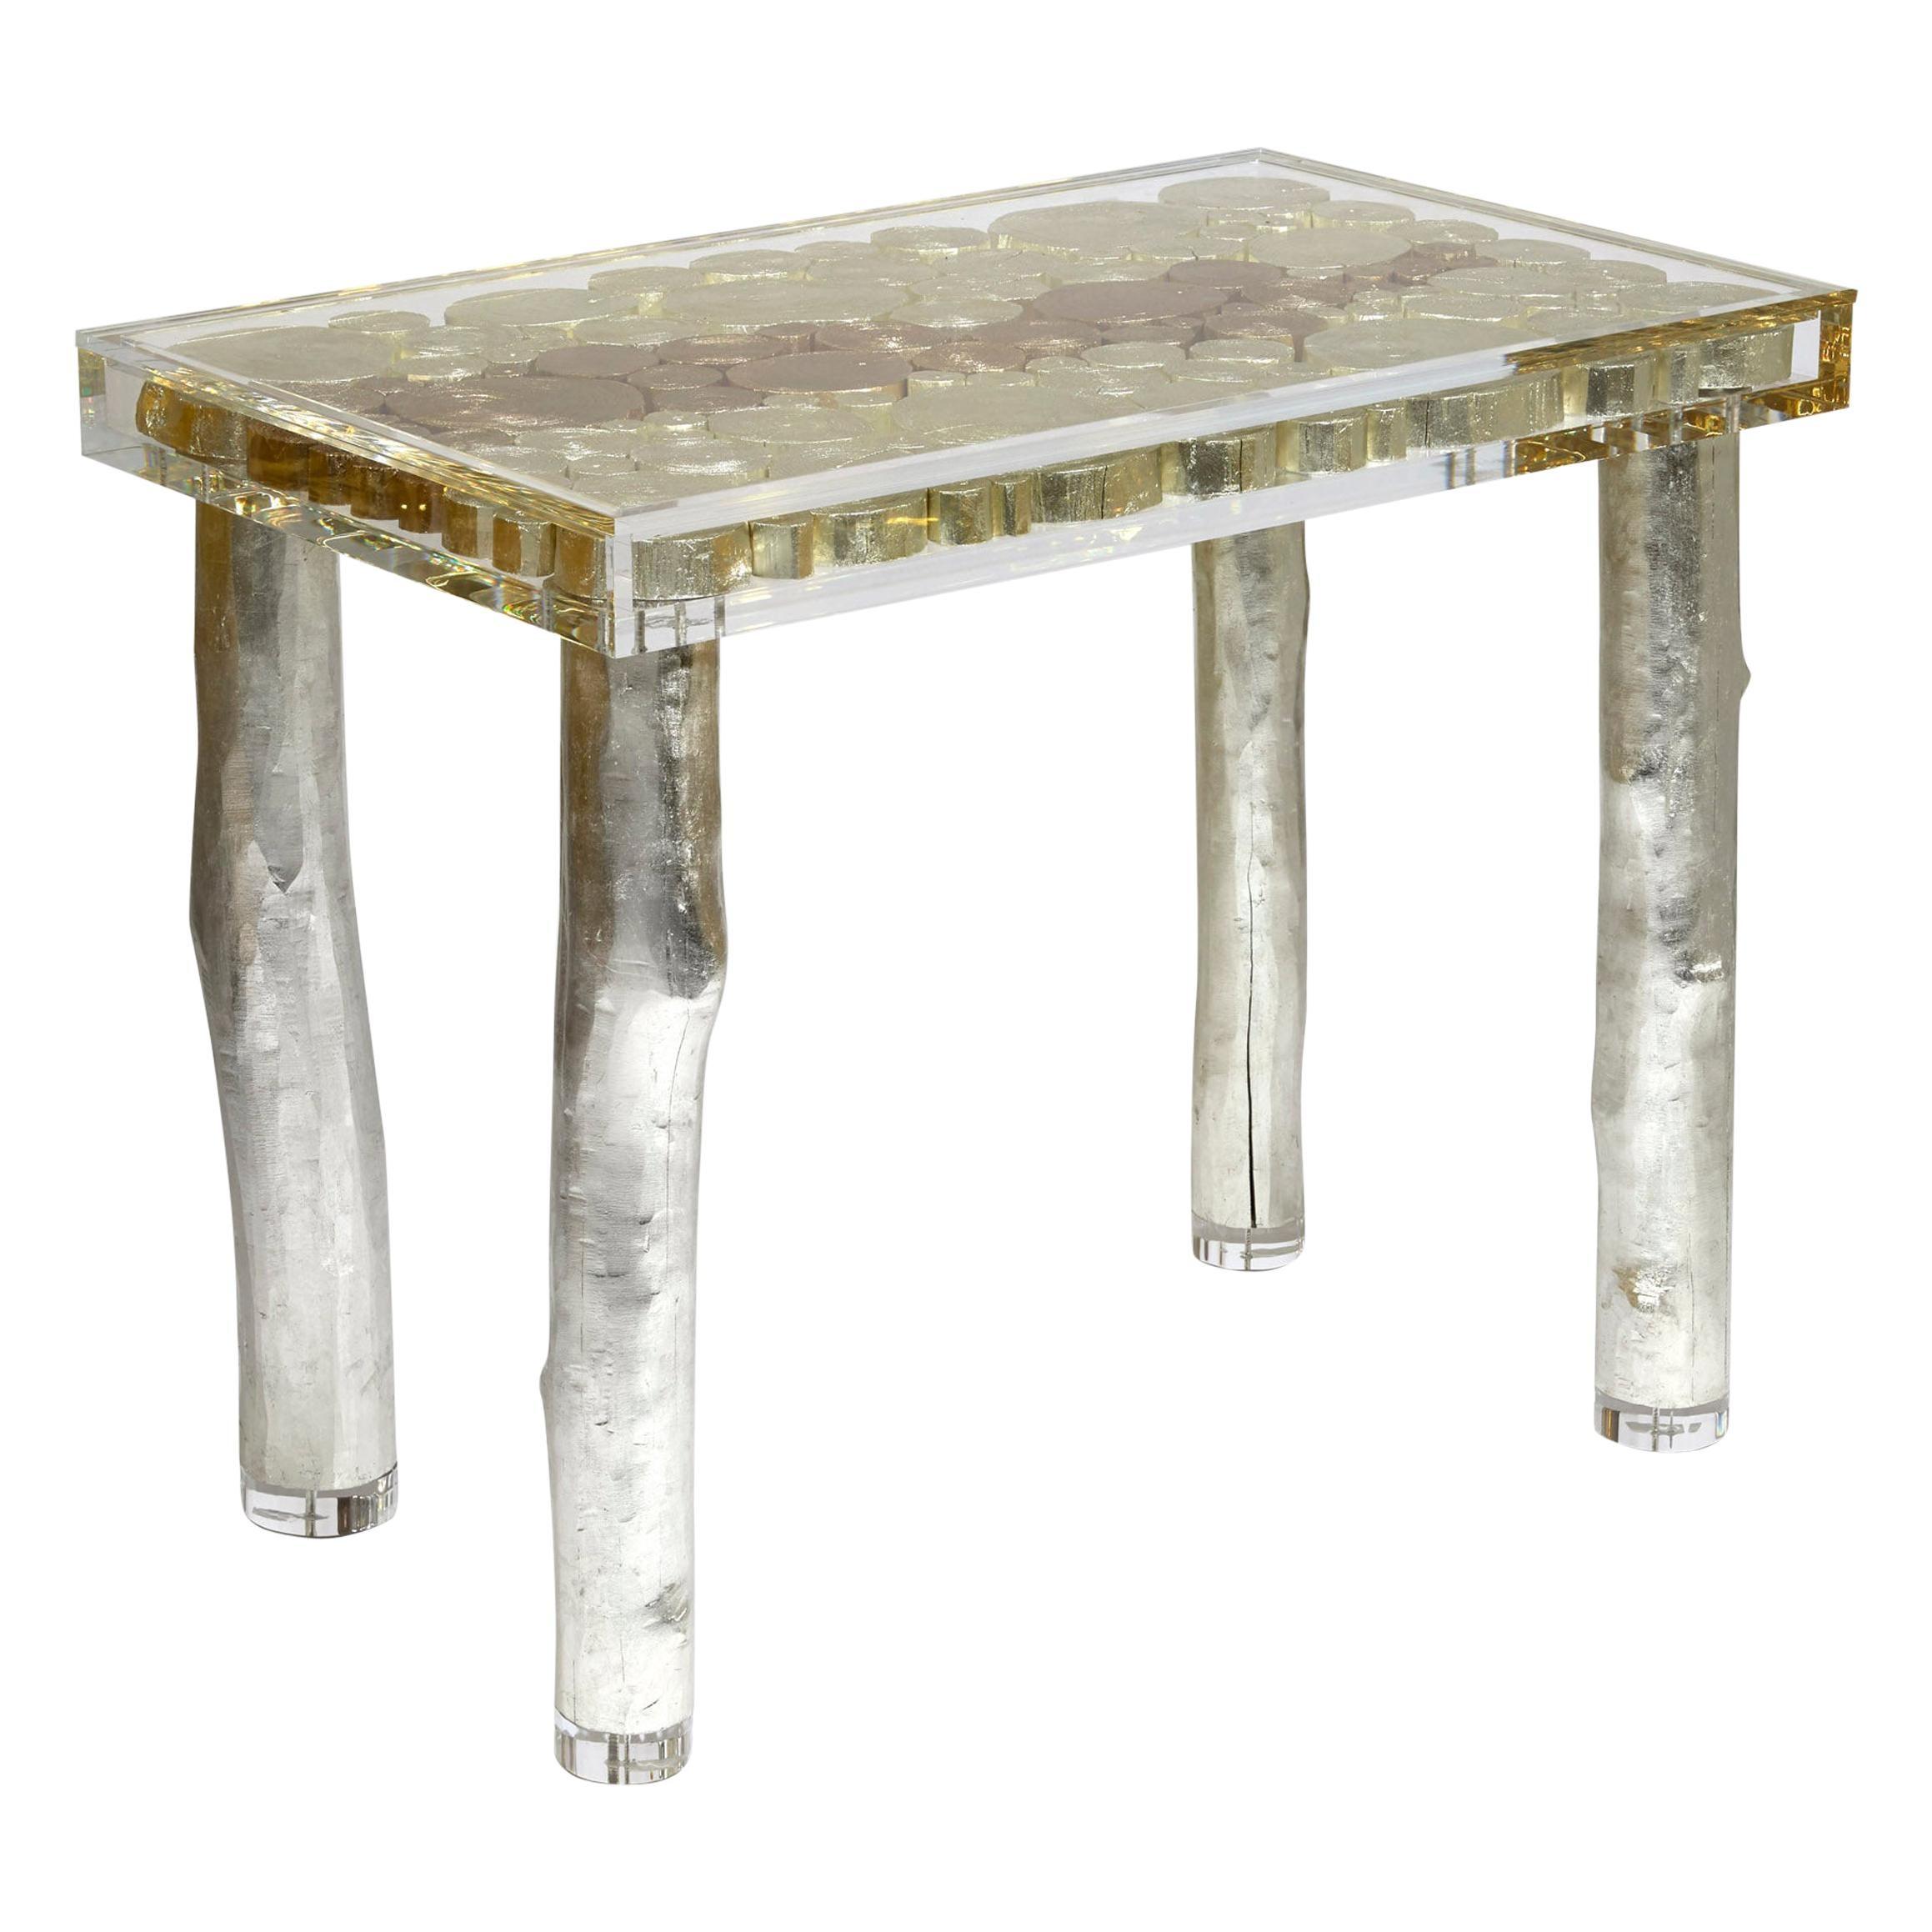 Changer Table by Mattia Bonetti